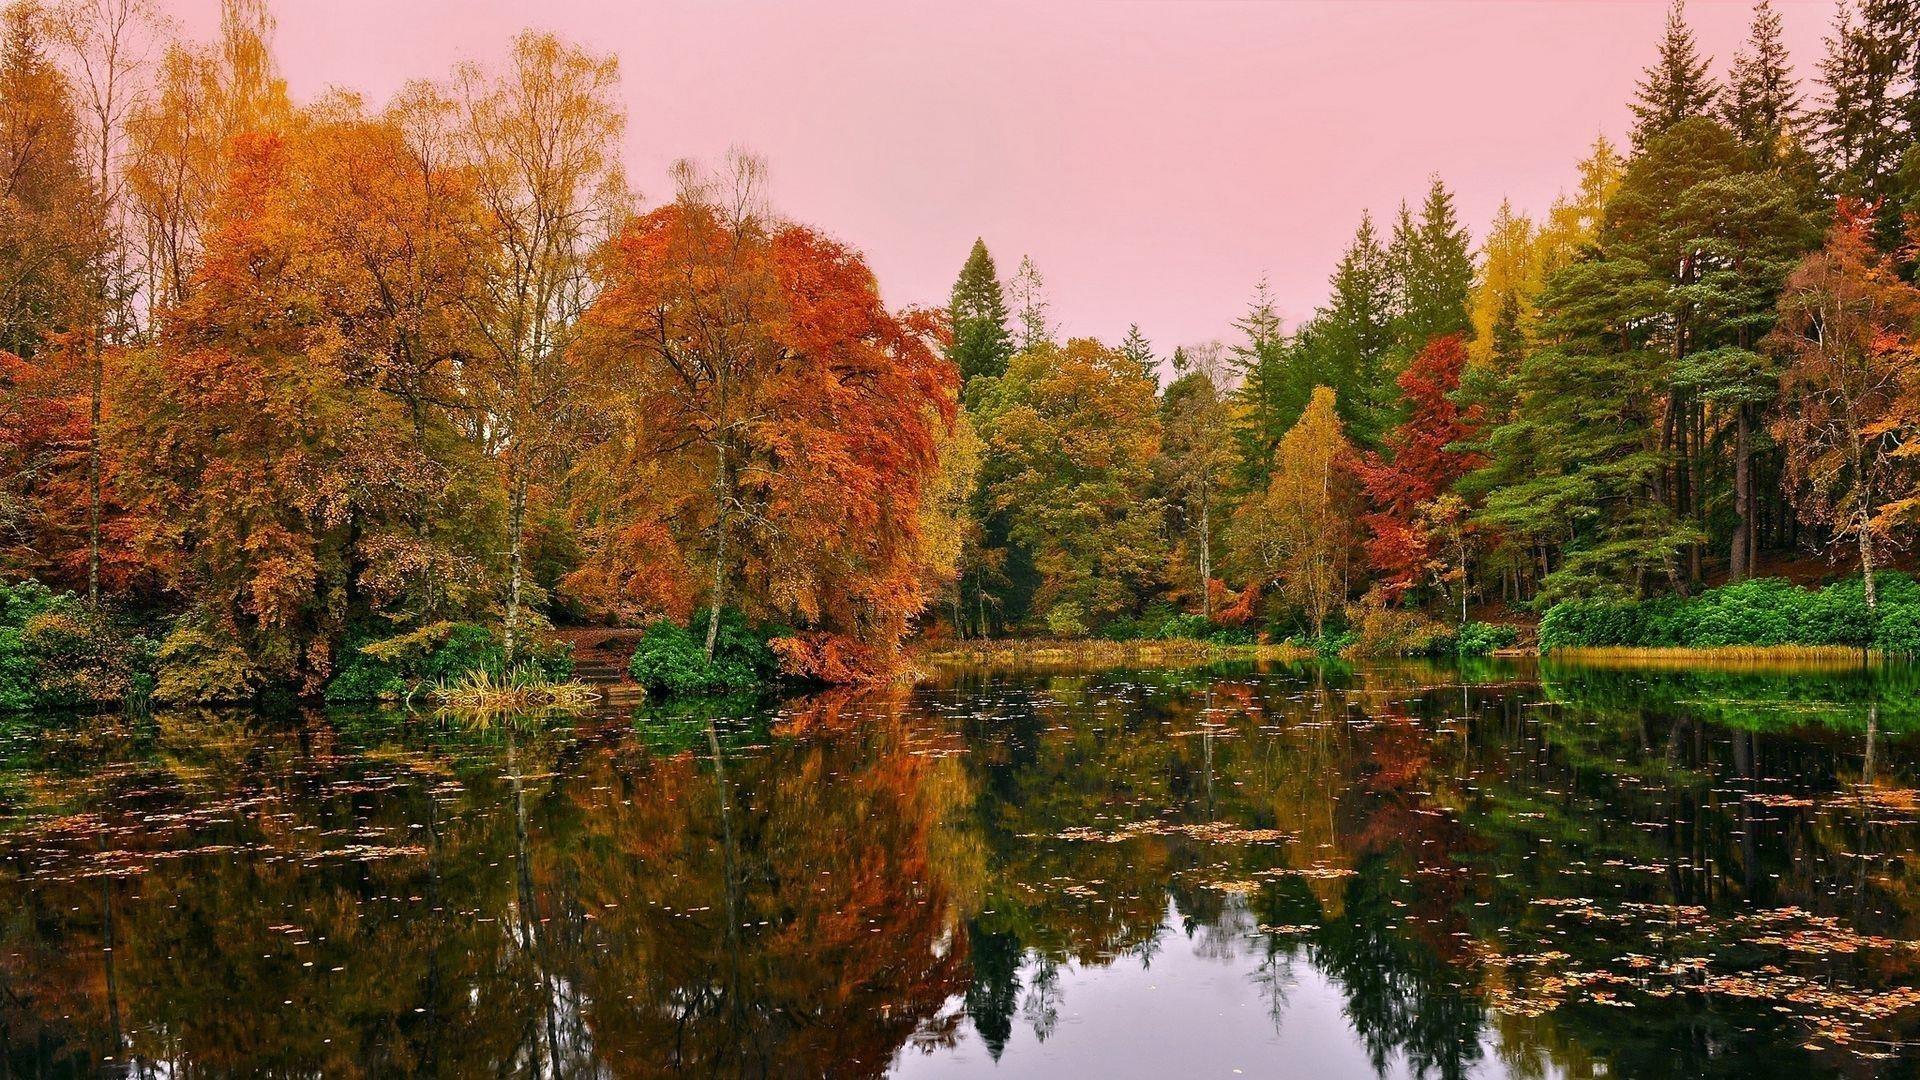 Красивые пейзажи оранжево-зеленые желтые осенние деревья отражение на пруду озеро под розовым небом пейзаж обои скачать